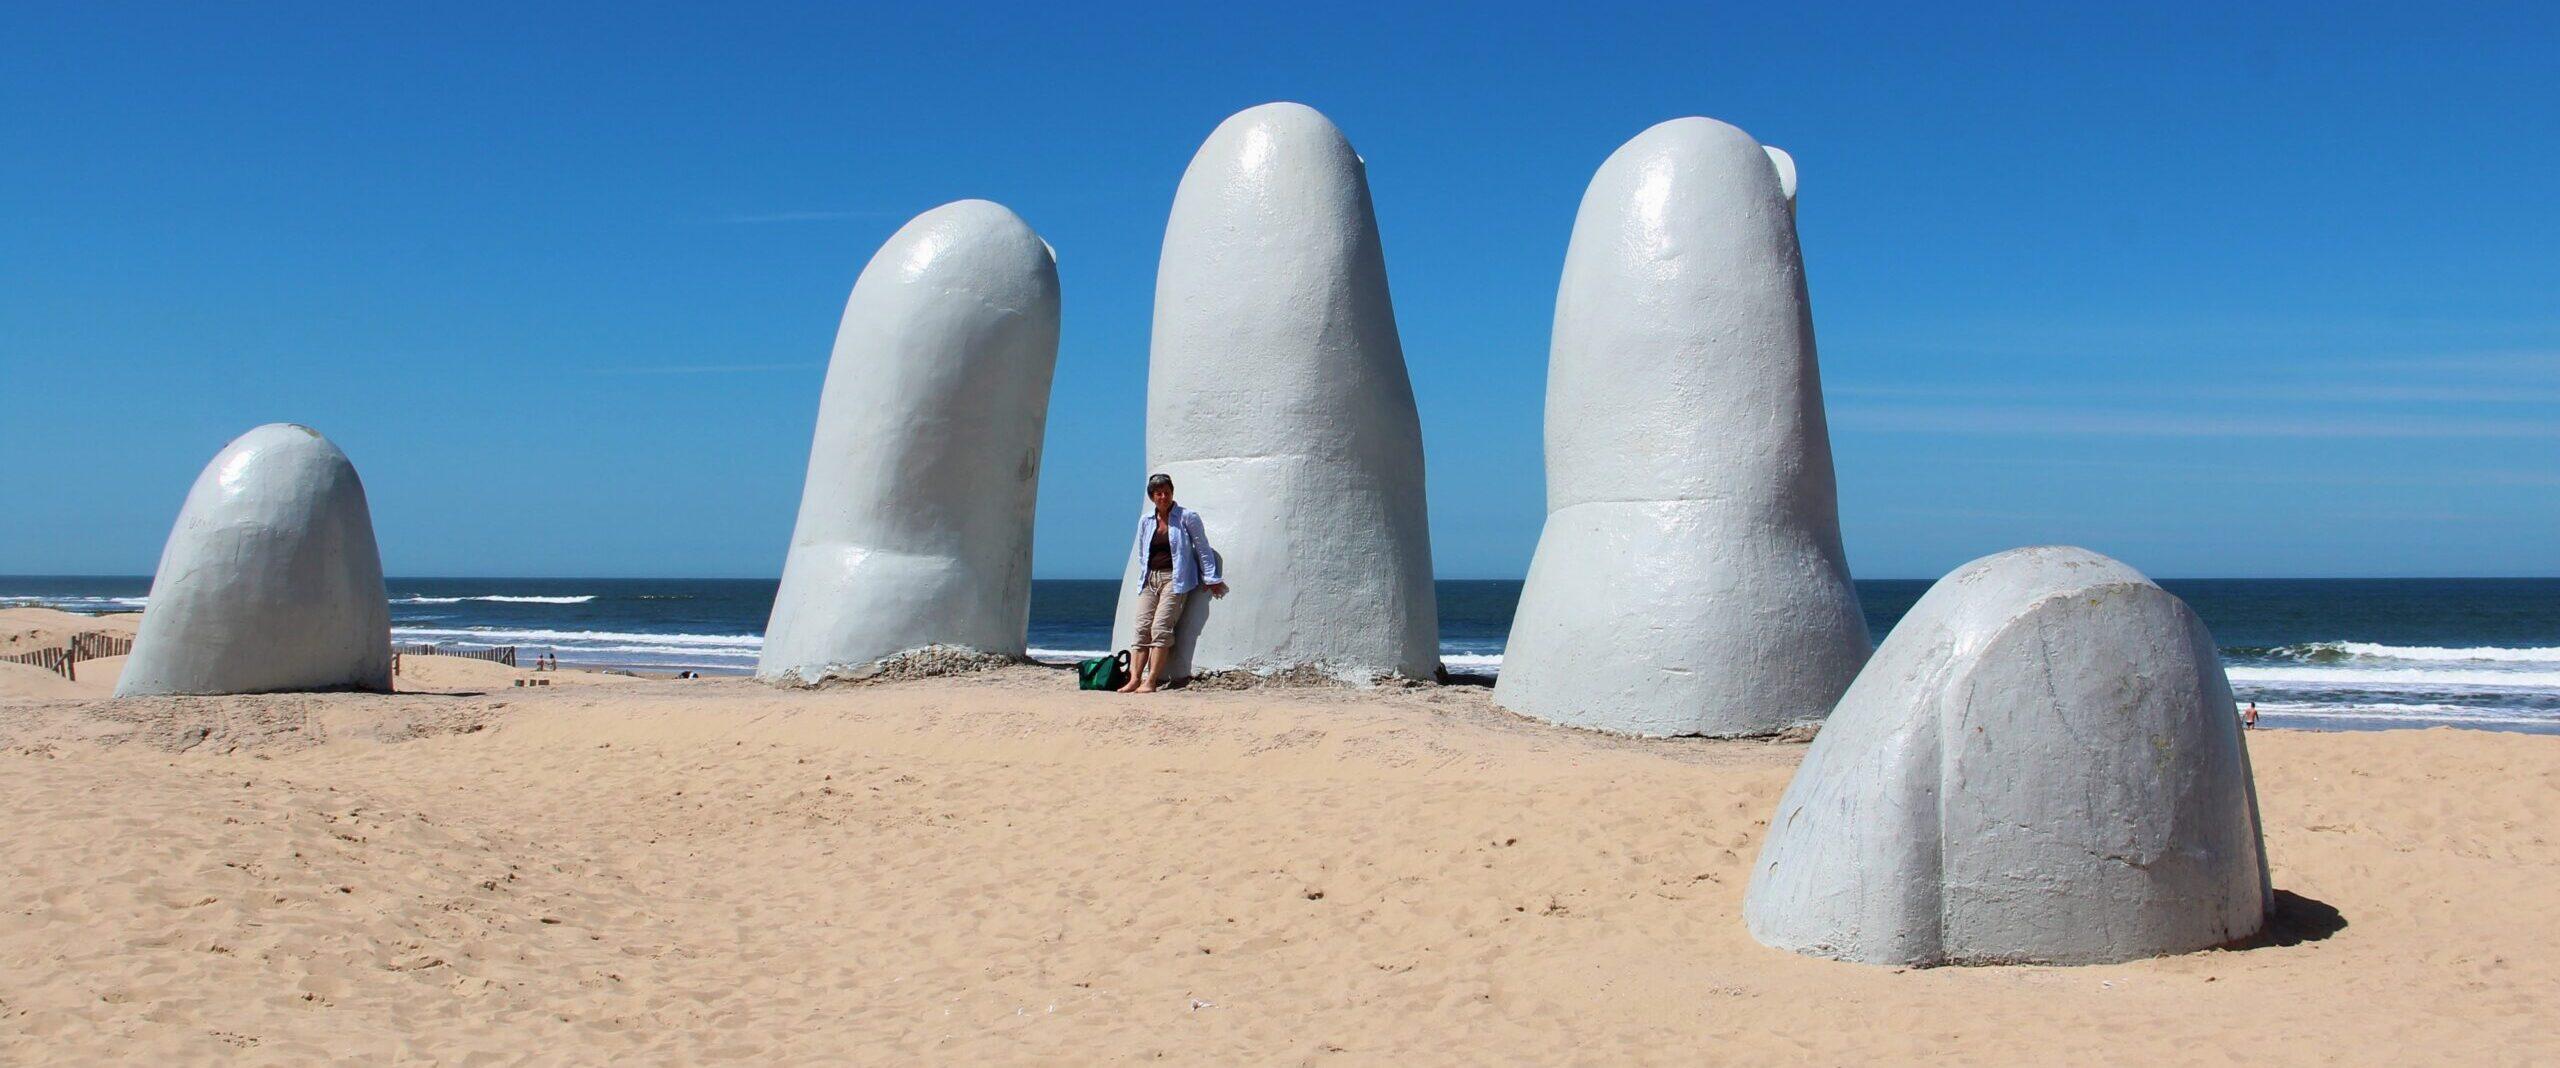 03 – Von Zweien, die auszogen und Uruguay kennen lernten.